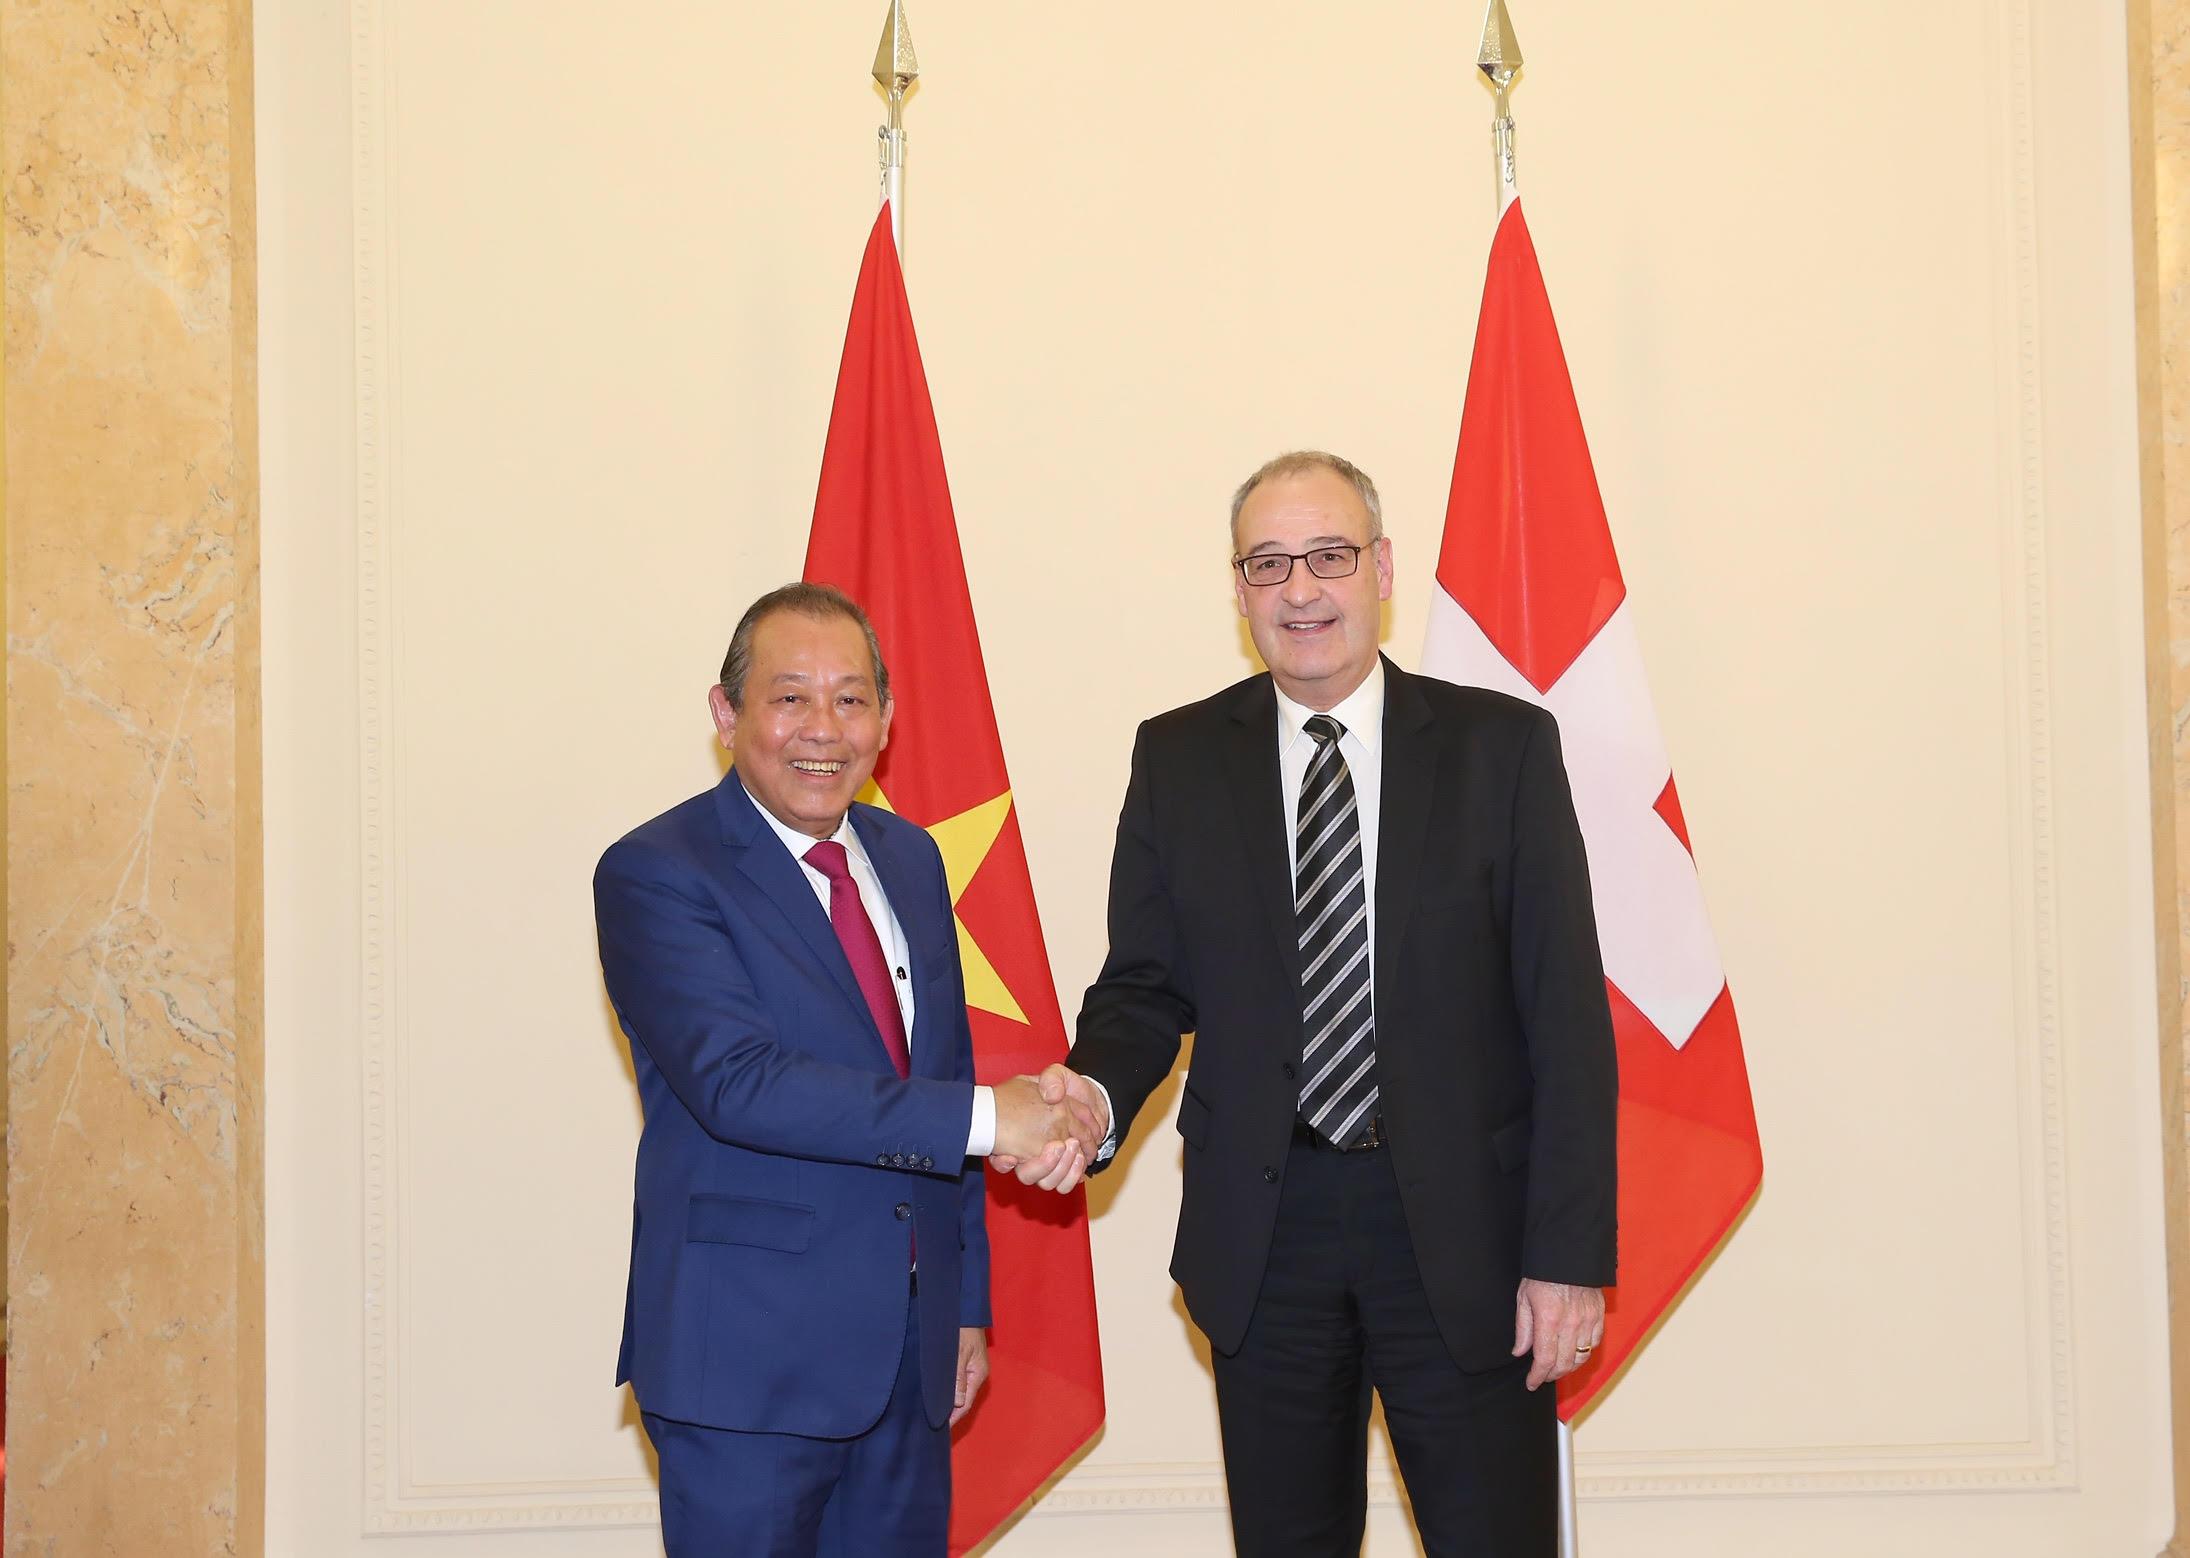 Việt Nam luôn coi trọng củng cố, phát triển quan hệ hữu nghị và hợp tác truyền thống với Thụy Sỹ